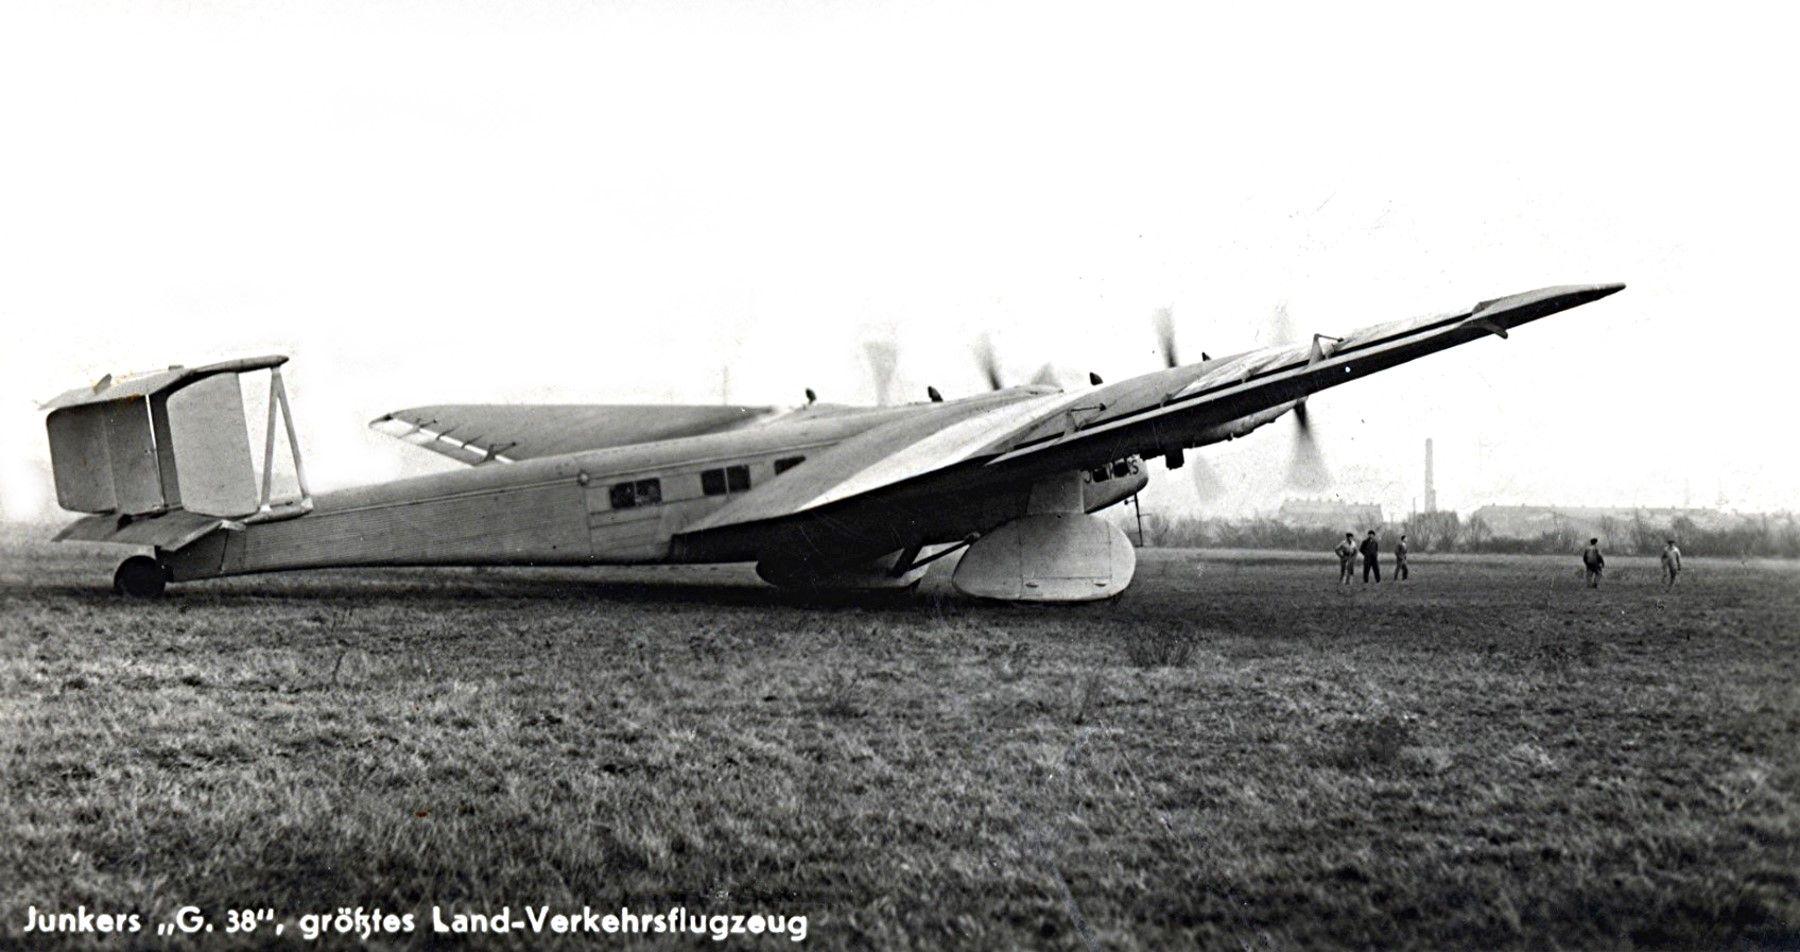 Junkers_G-38_side